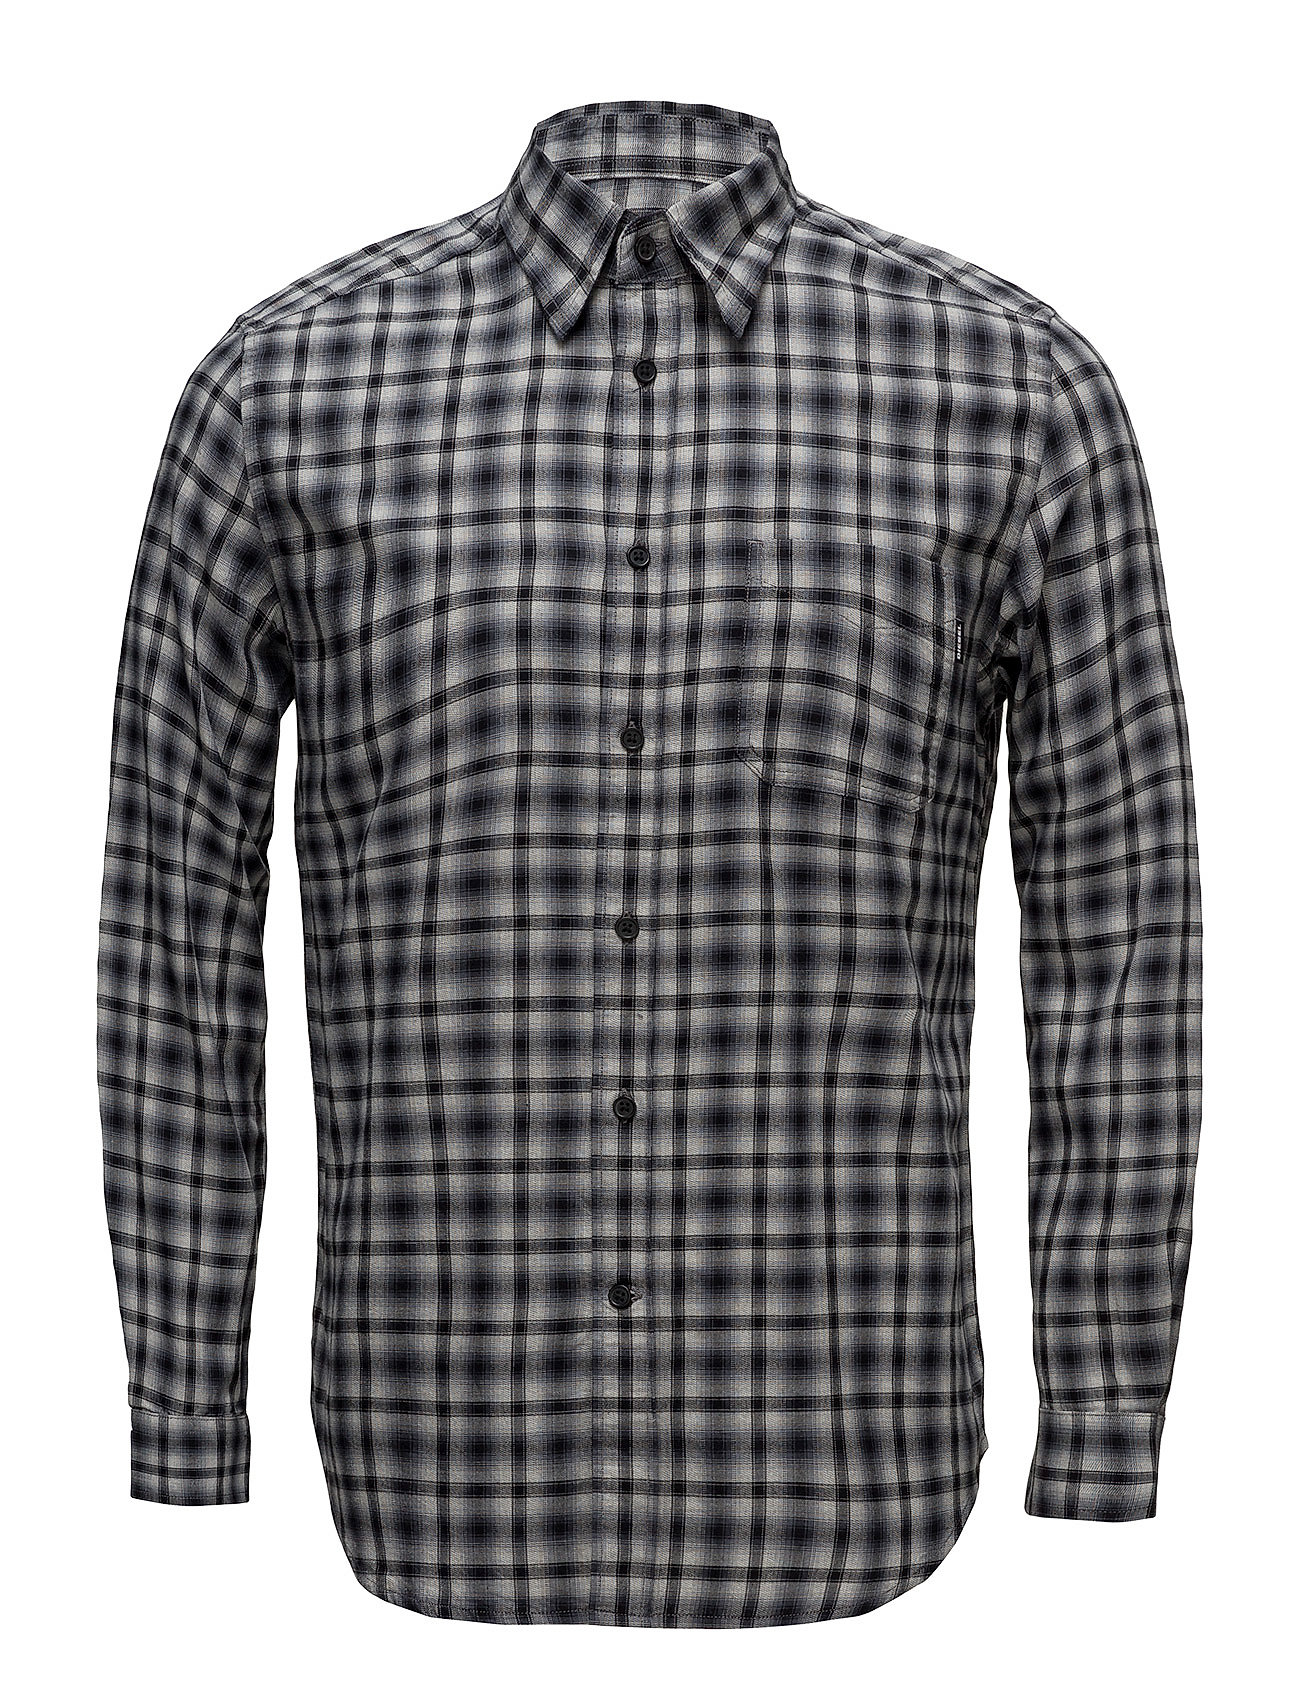 S-Cull-A Shirt - Diesel Men